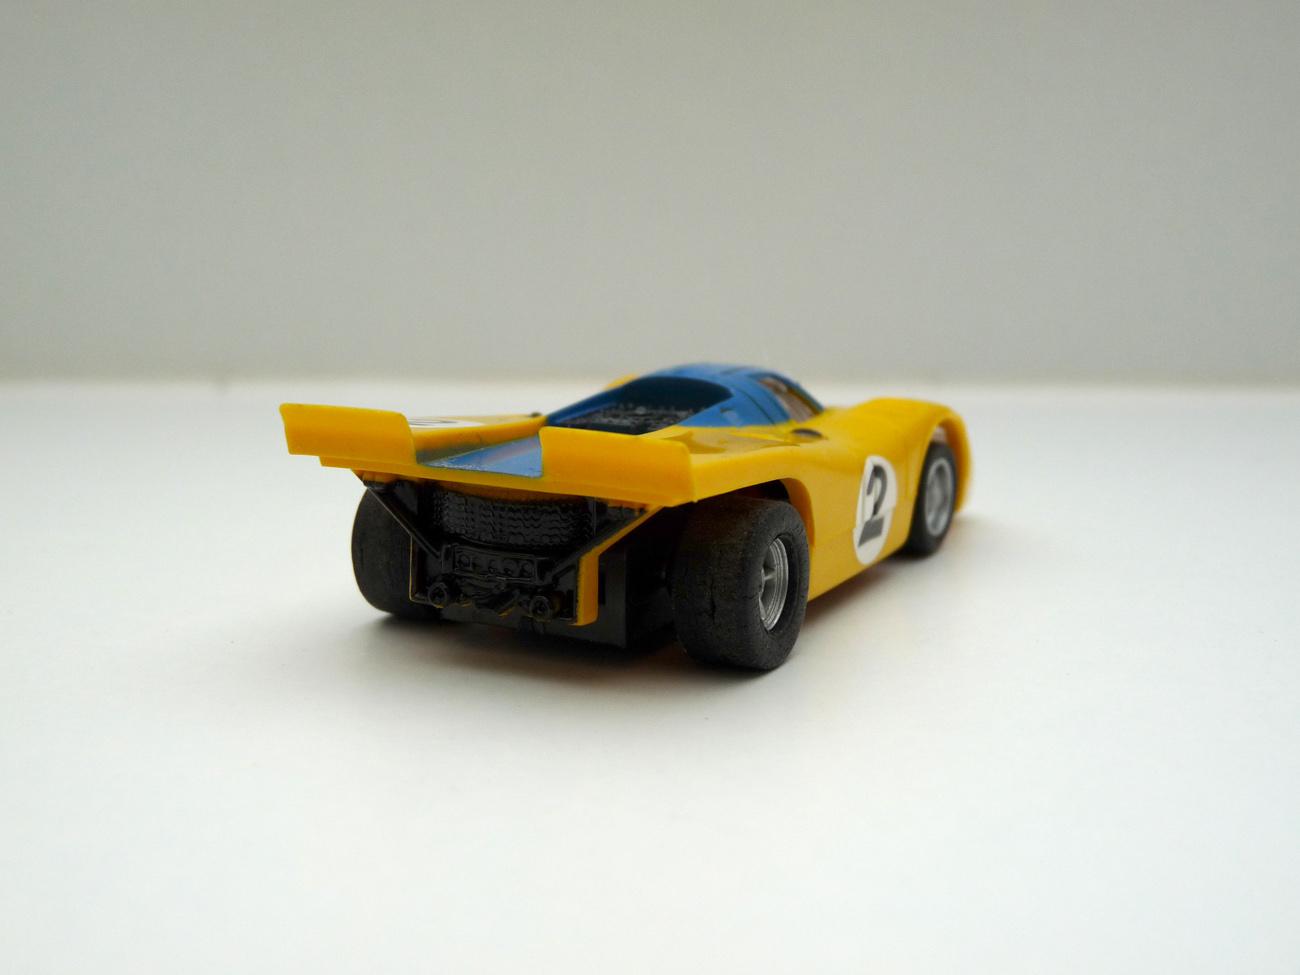 AURORA AFX Porsche 917k gelb/blau #2 -klare Scheibe